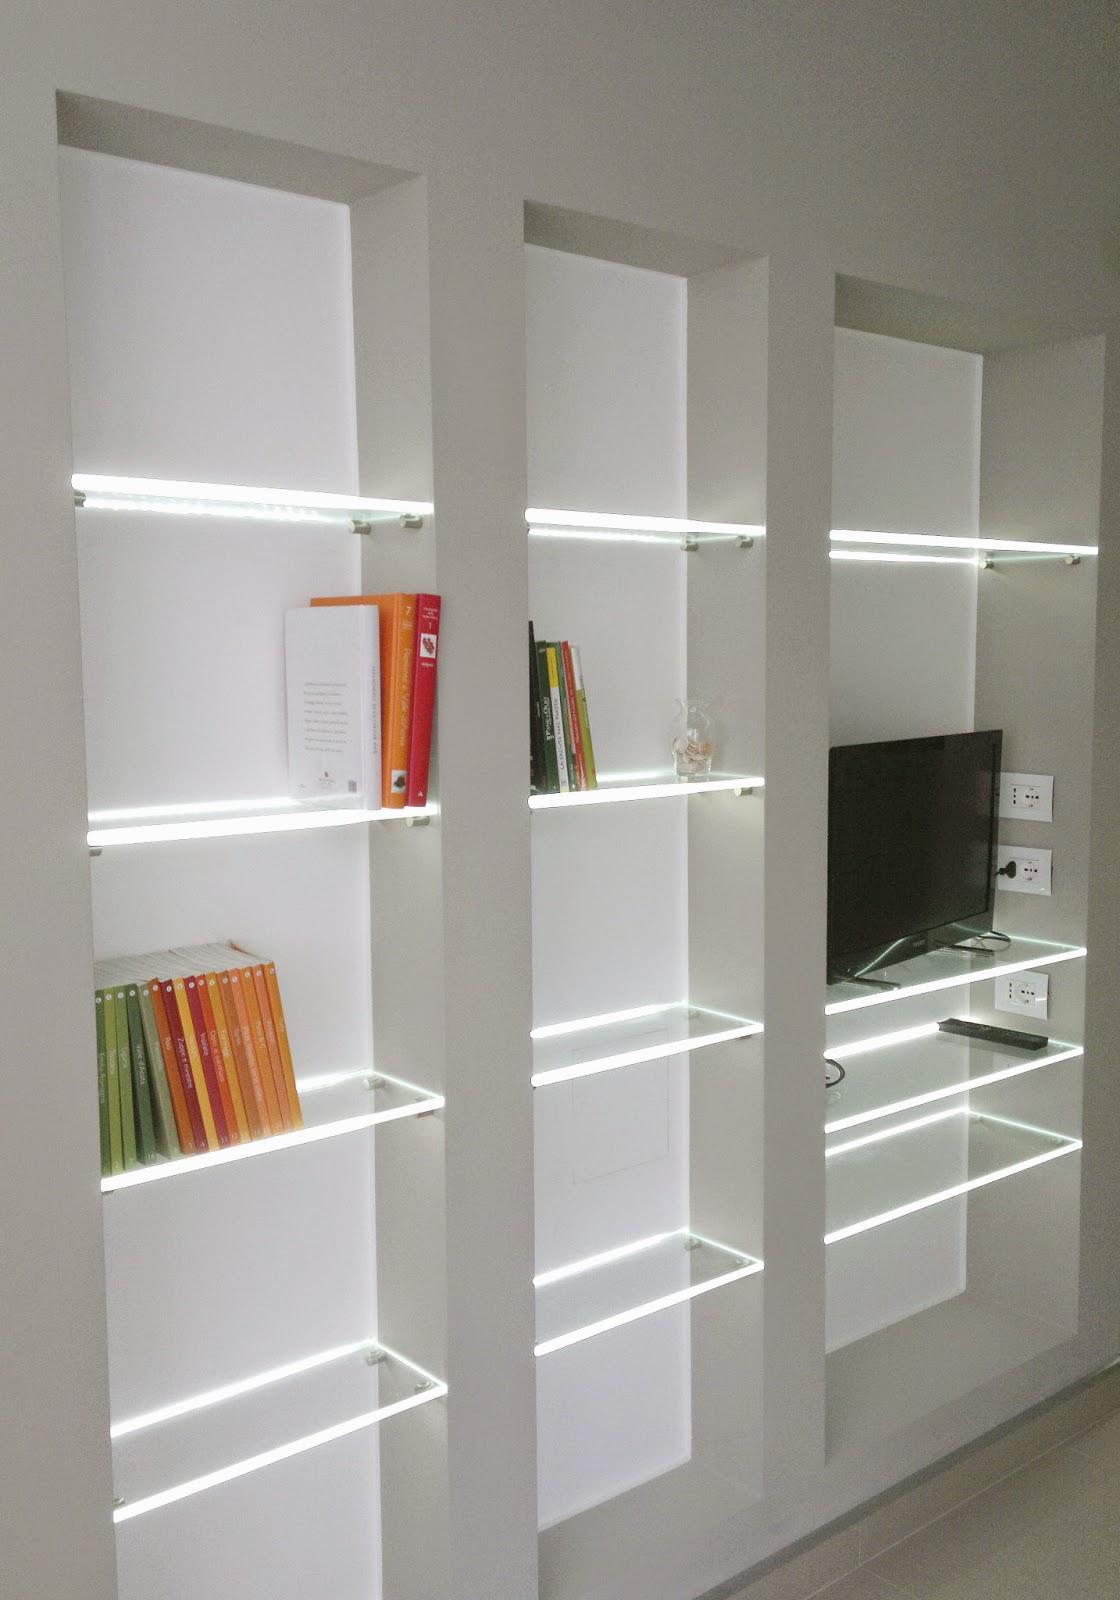 Illuminazione Led casa: Torino - Ristrutturando un appartamento